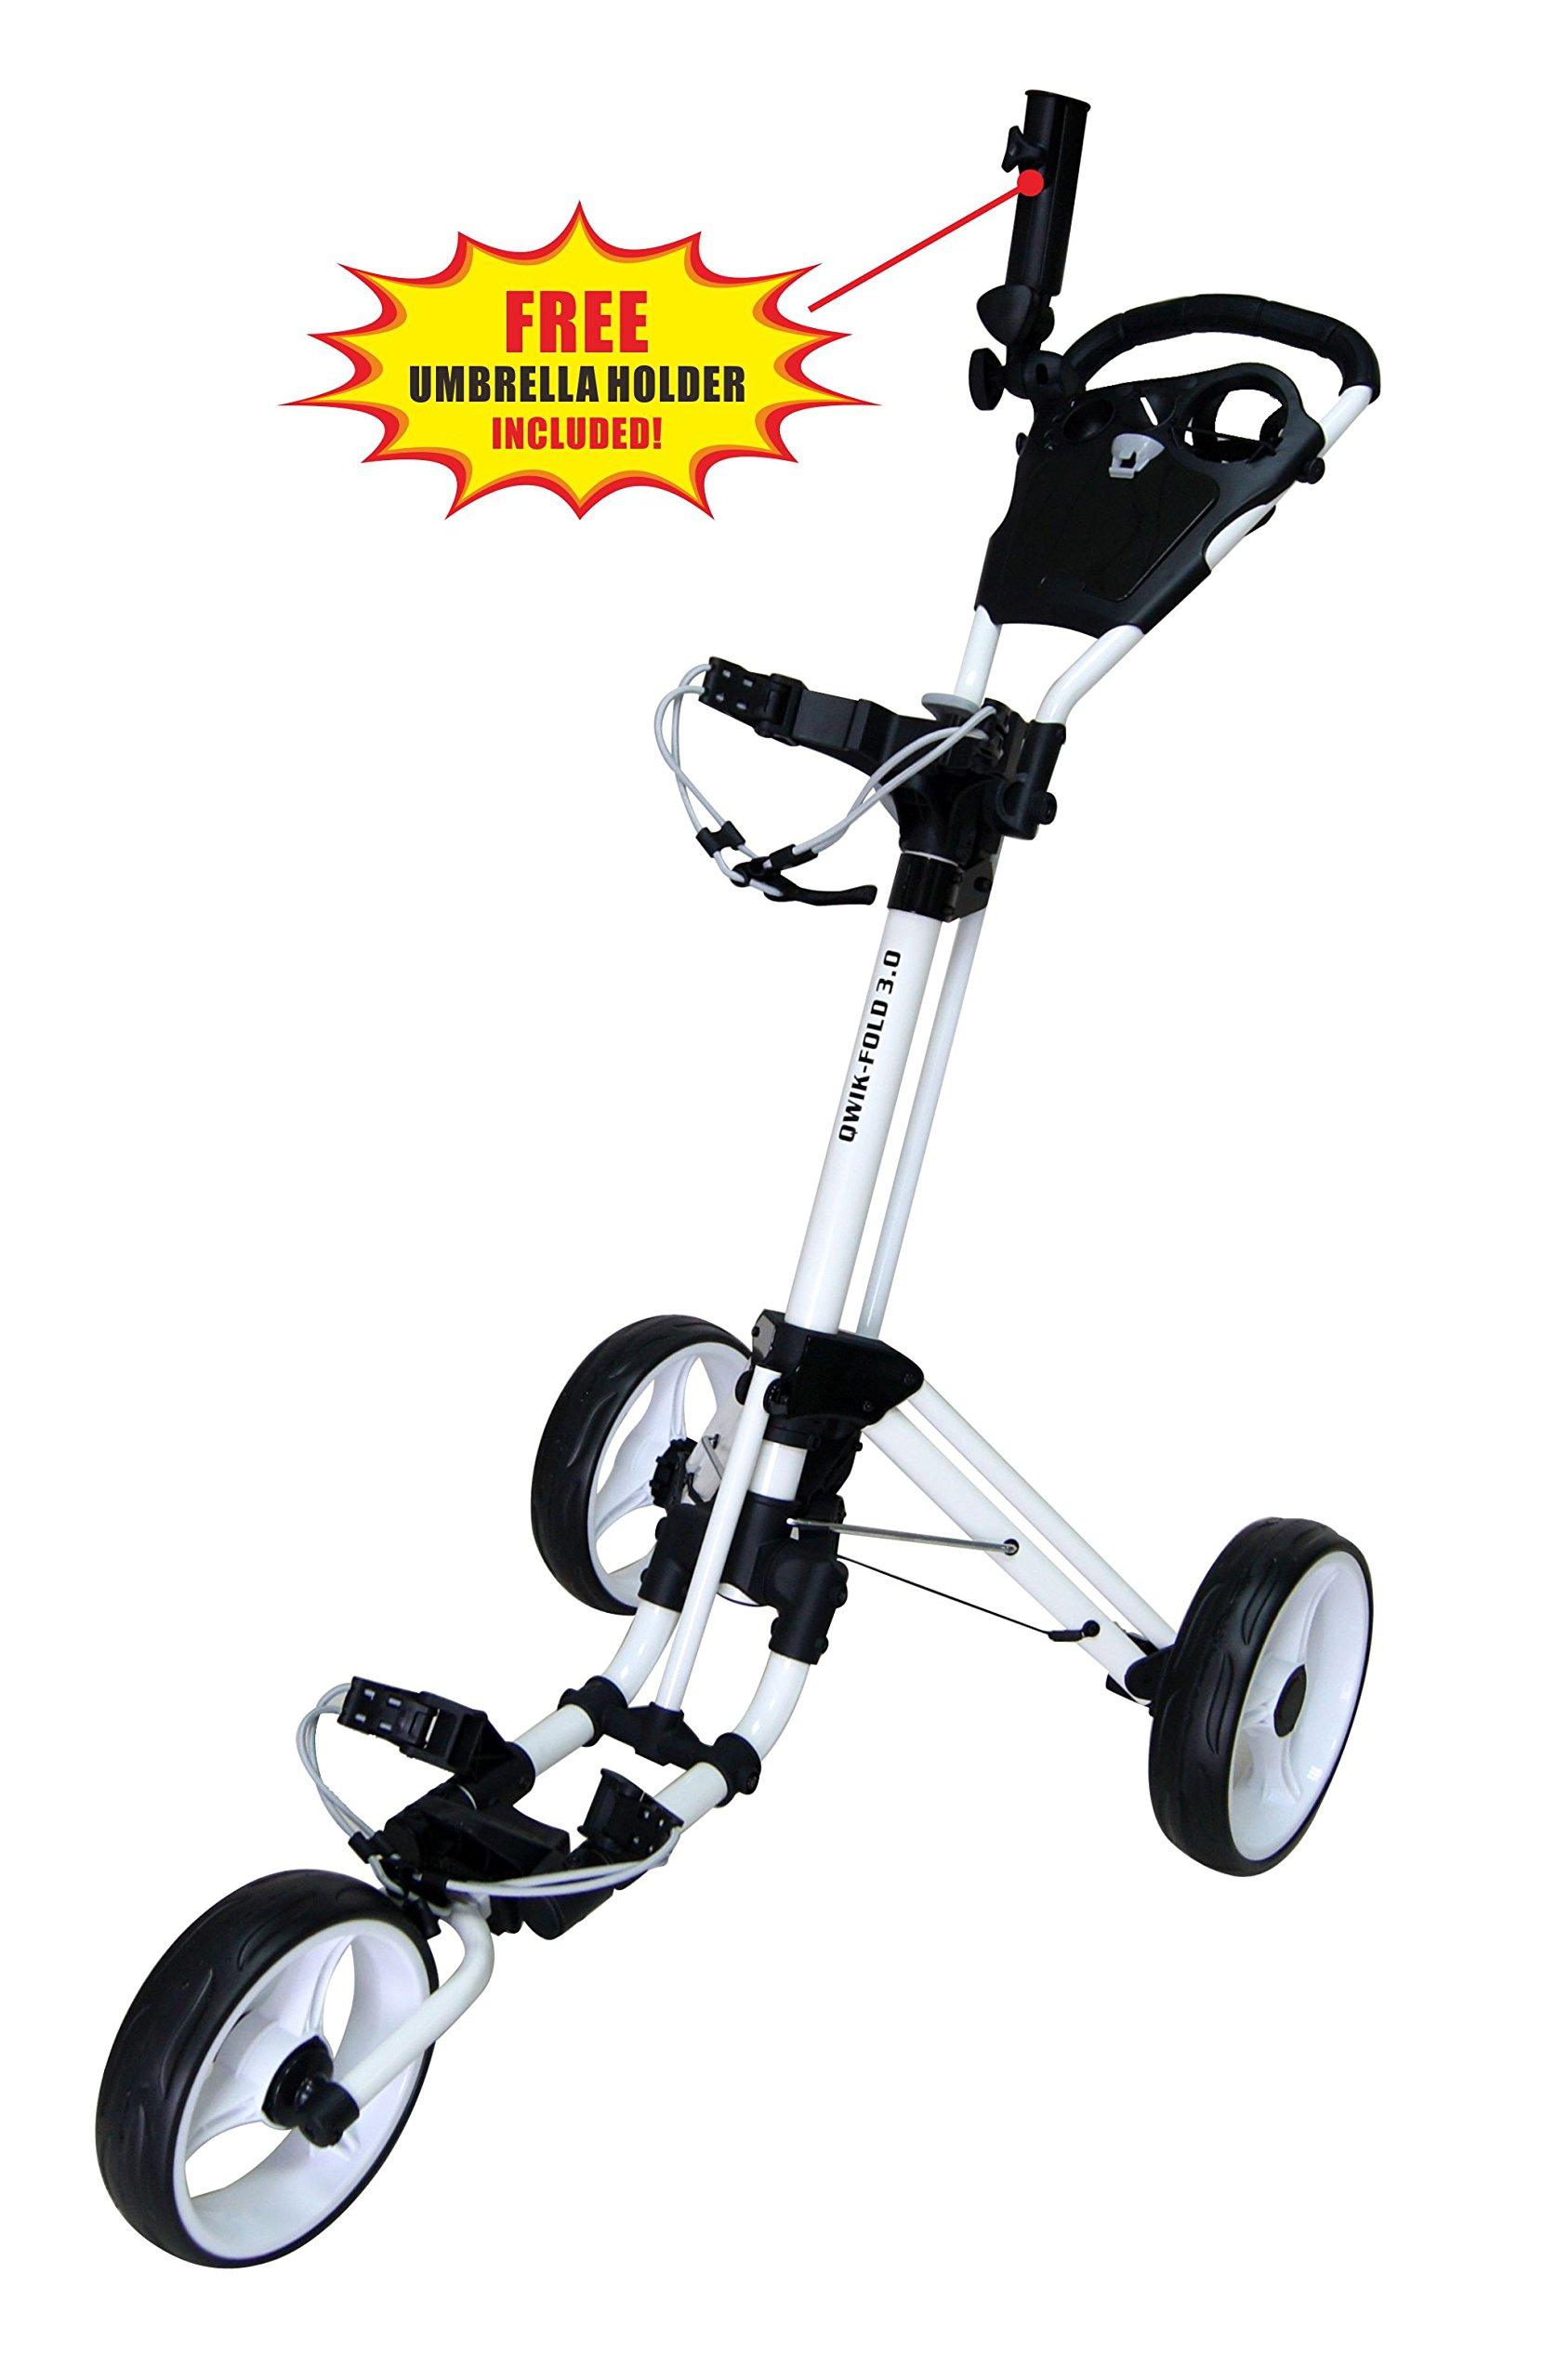 QWIK-FOLD Chariot À 3 Roues Chariot De Golf À Pousser À Tirer - Frein Au Pied - Une Seconde pour L'Ouvrir Et Le Fermer! product image